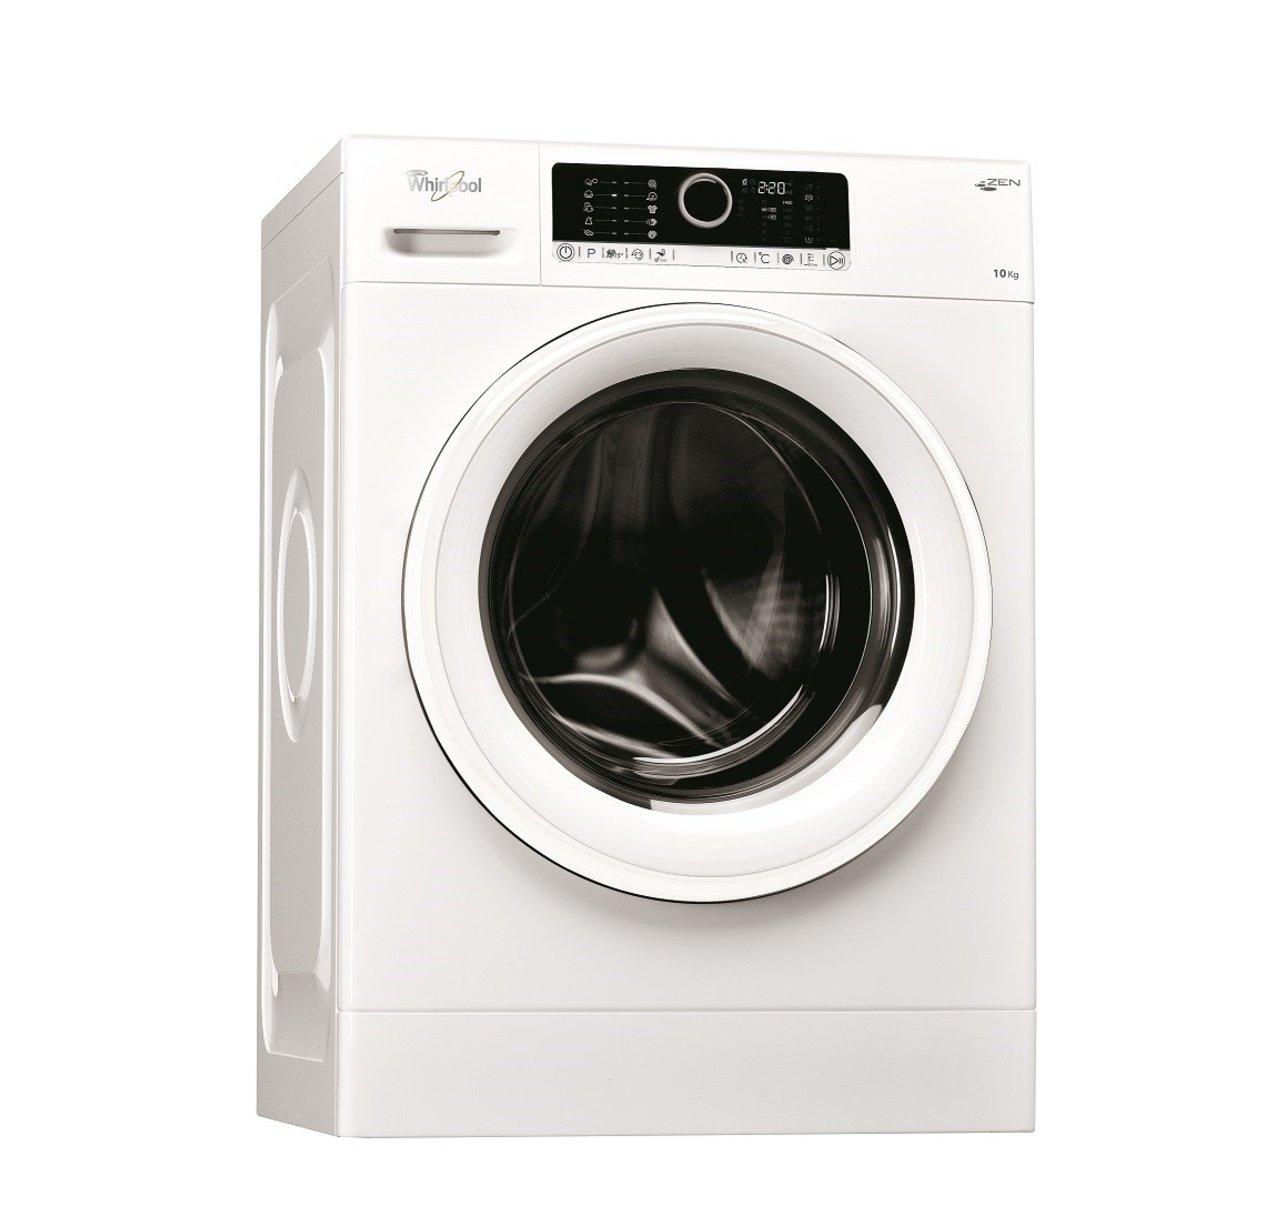 Whirlpool FSCR 10415